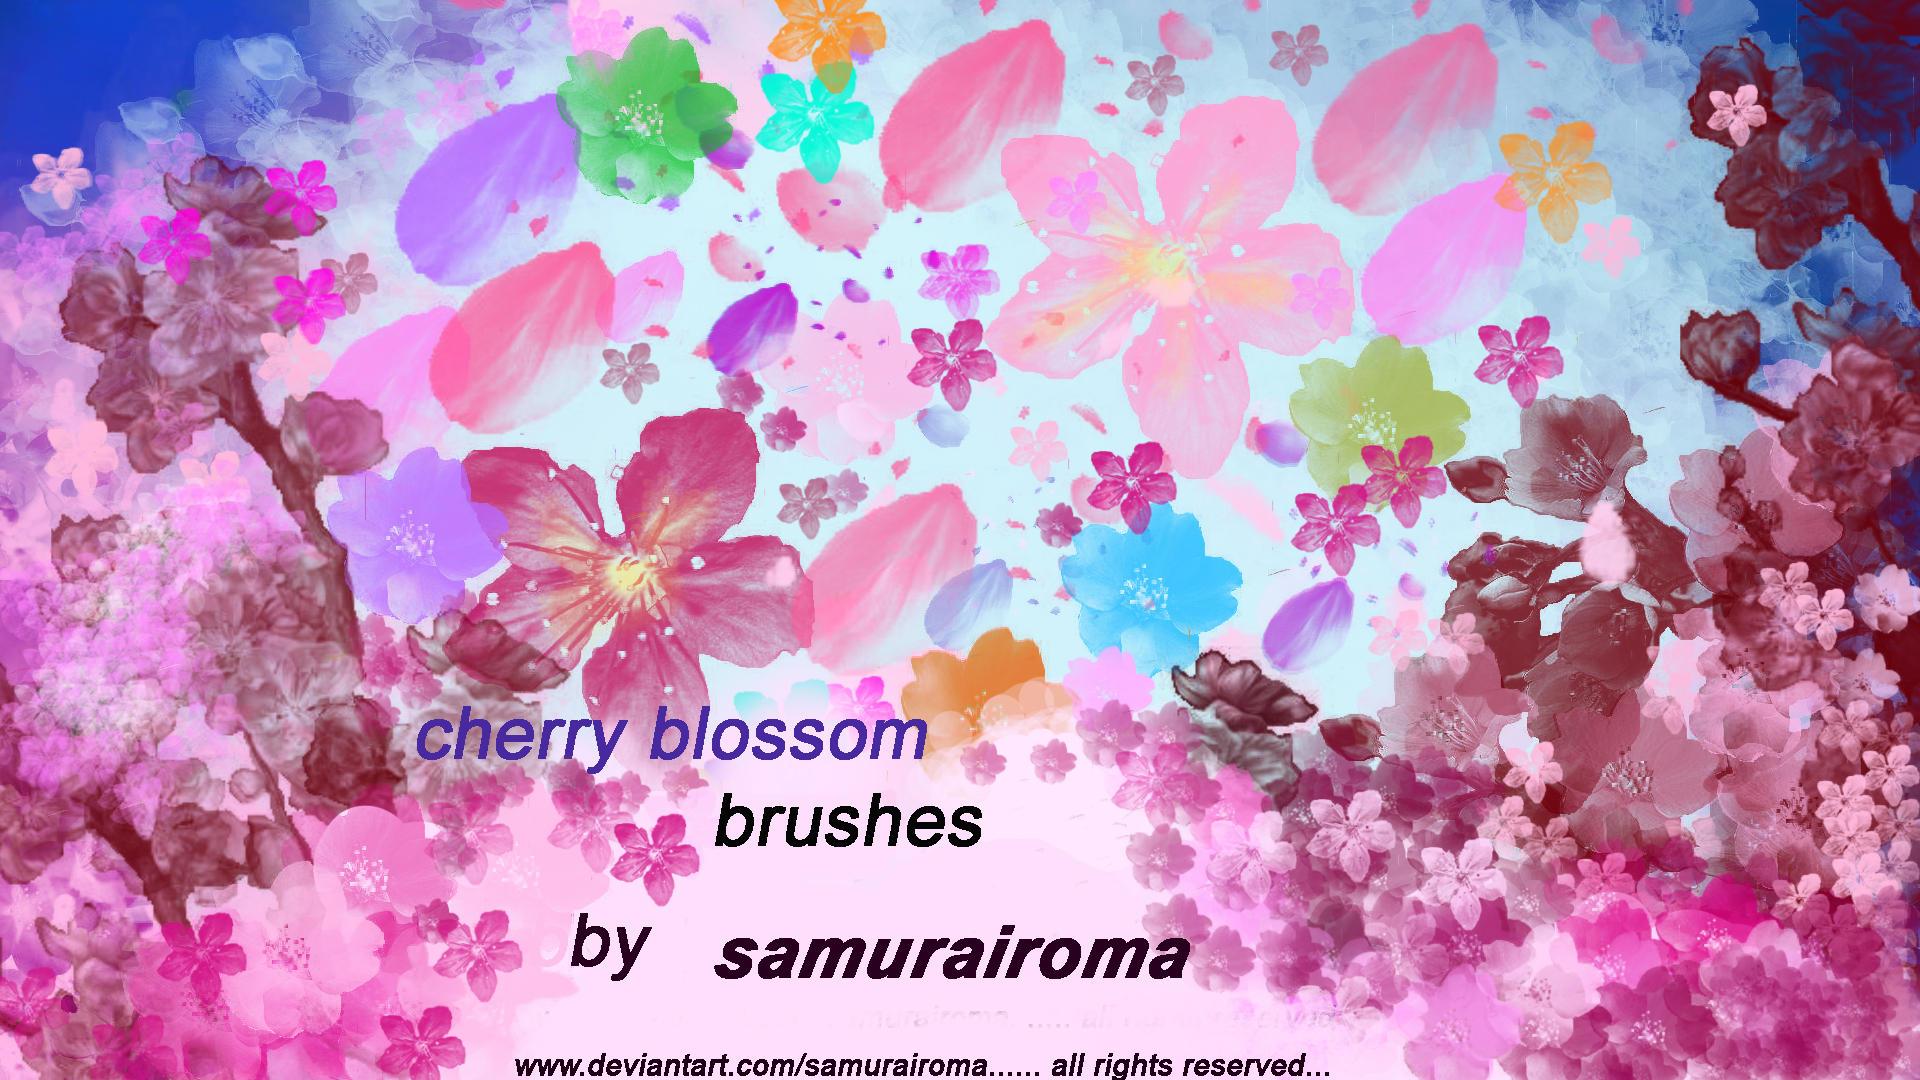 cherry blossom brushes by samurairoma